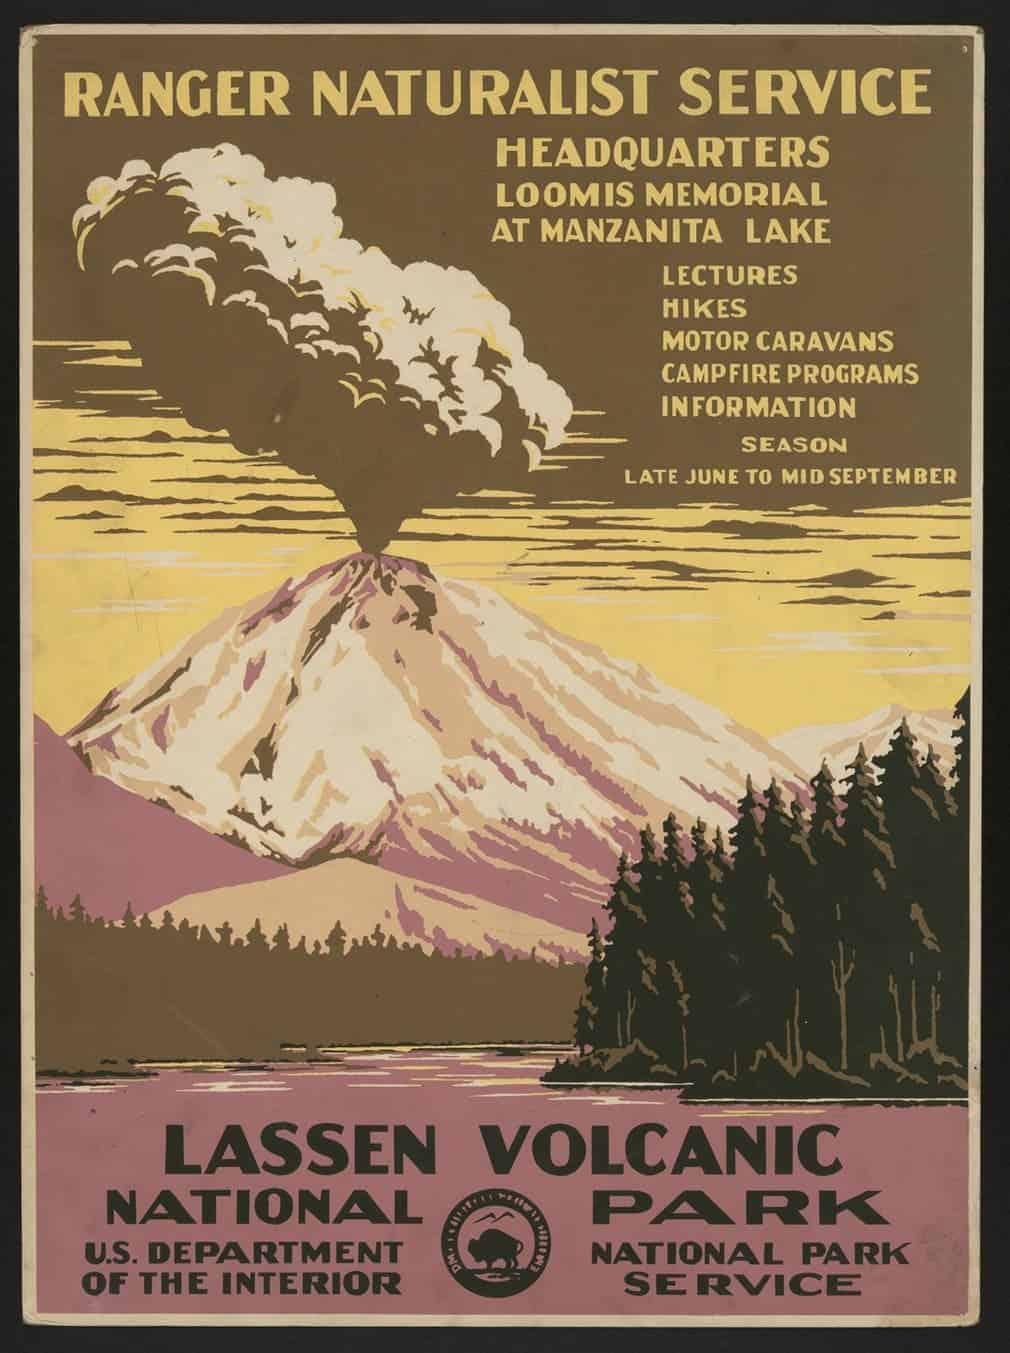 Lassen Volcanic national park and the Lassen erupting, 1938.